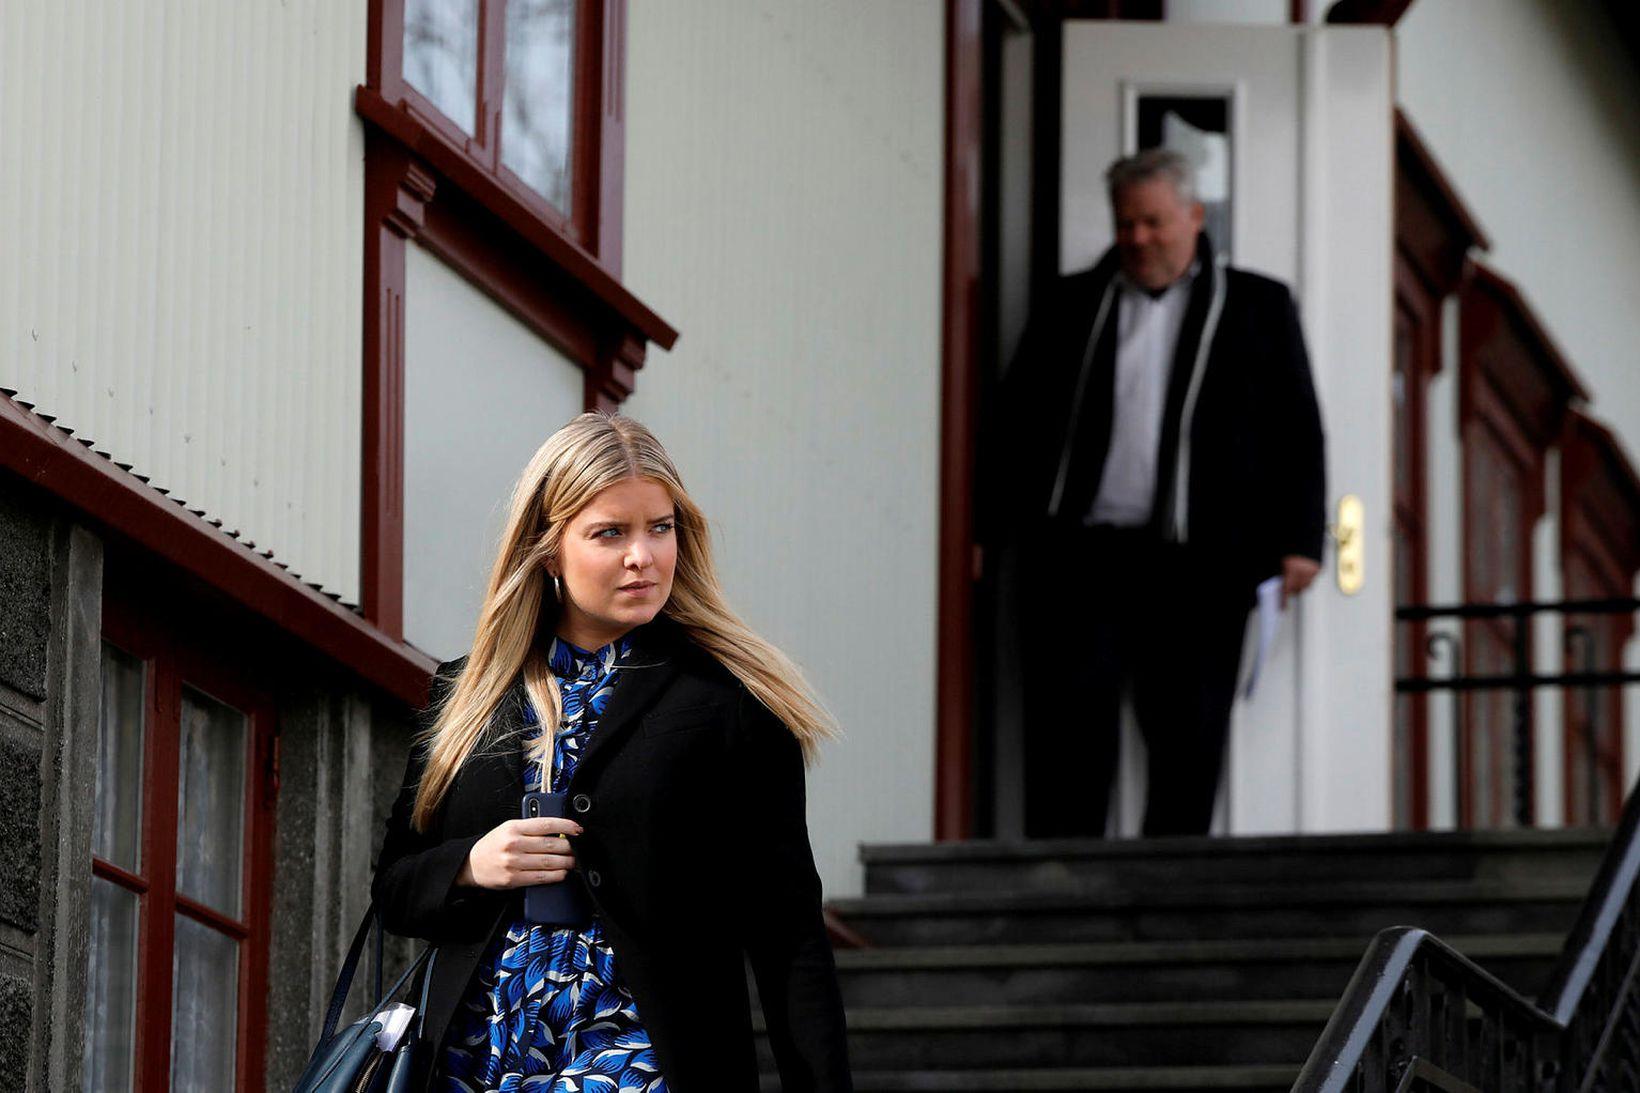 Áslaug Arna Sigurbjörnsdóttir dómsmálaráðherra mótmælti fyrirhugaðri frestun júnífundar FATF, alþjóðlegs …